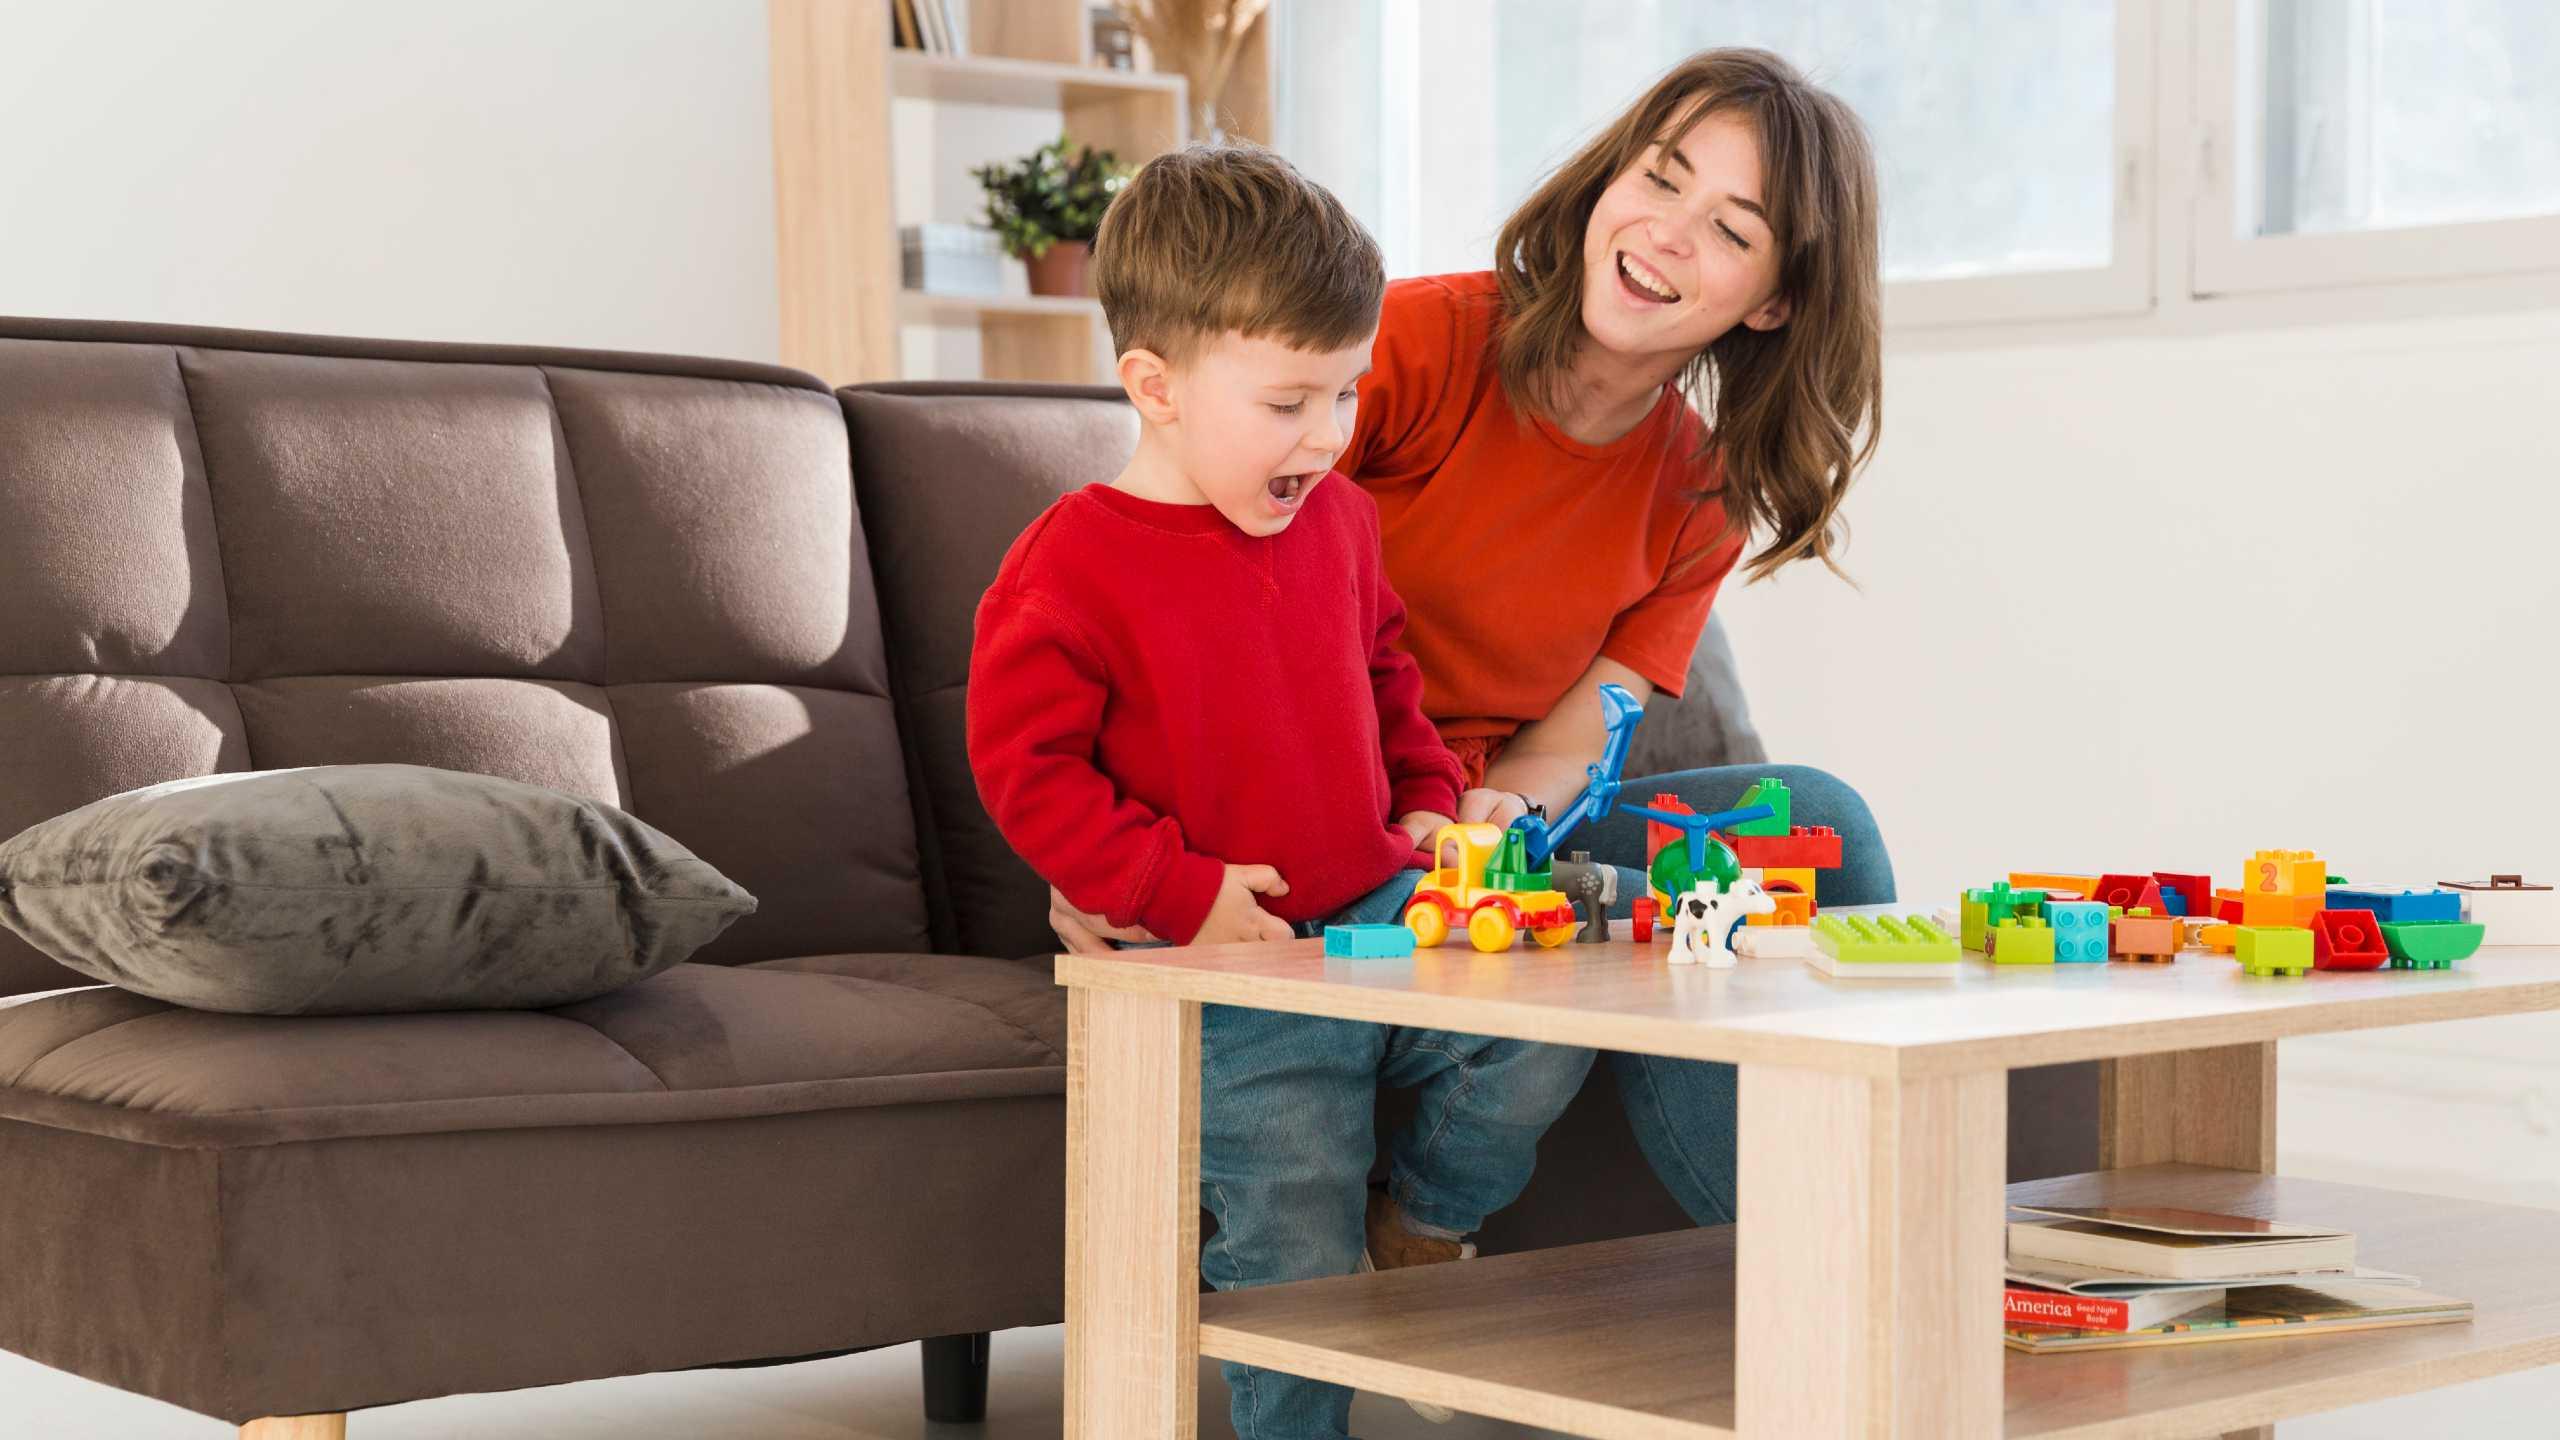 Madre viendo hijo jugando en medio de una terapia ocupacional